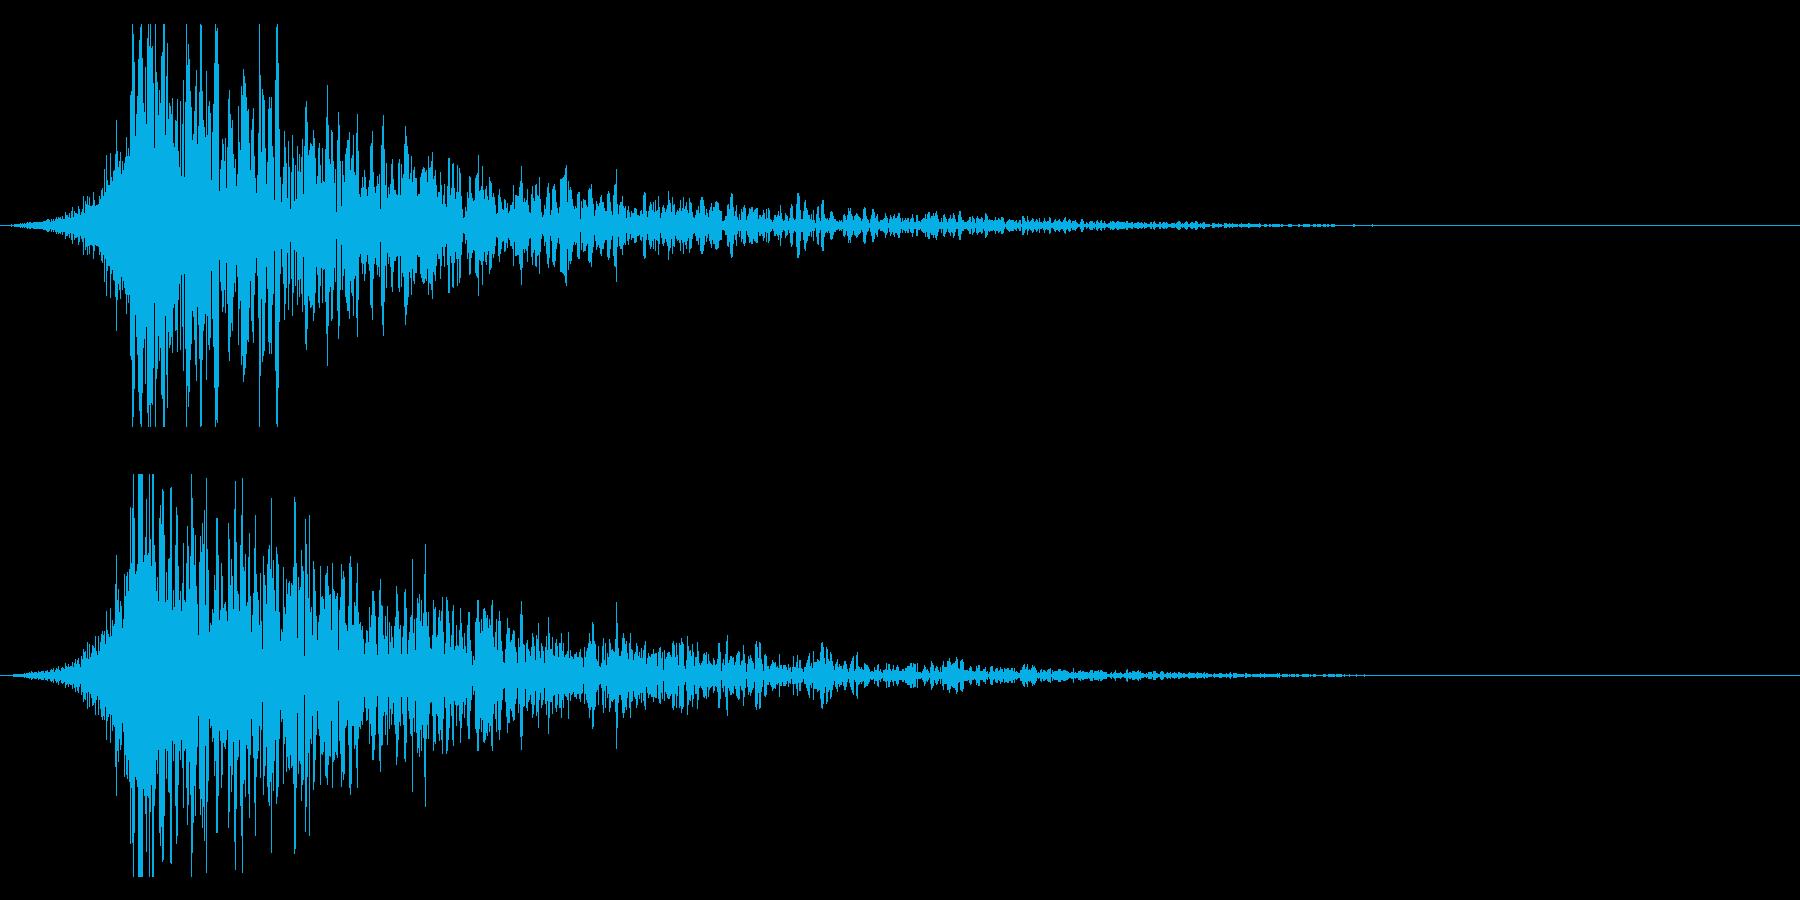 シュードーン-22-1(インパクト音)の再生済みの波形